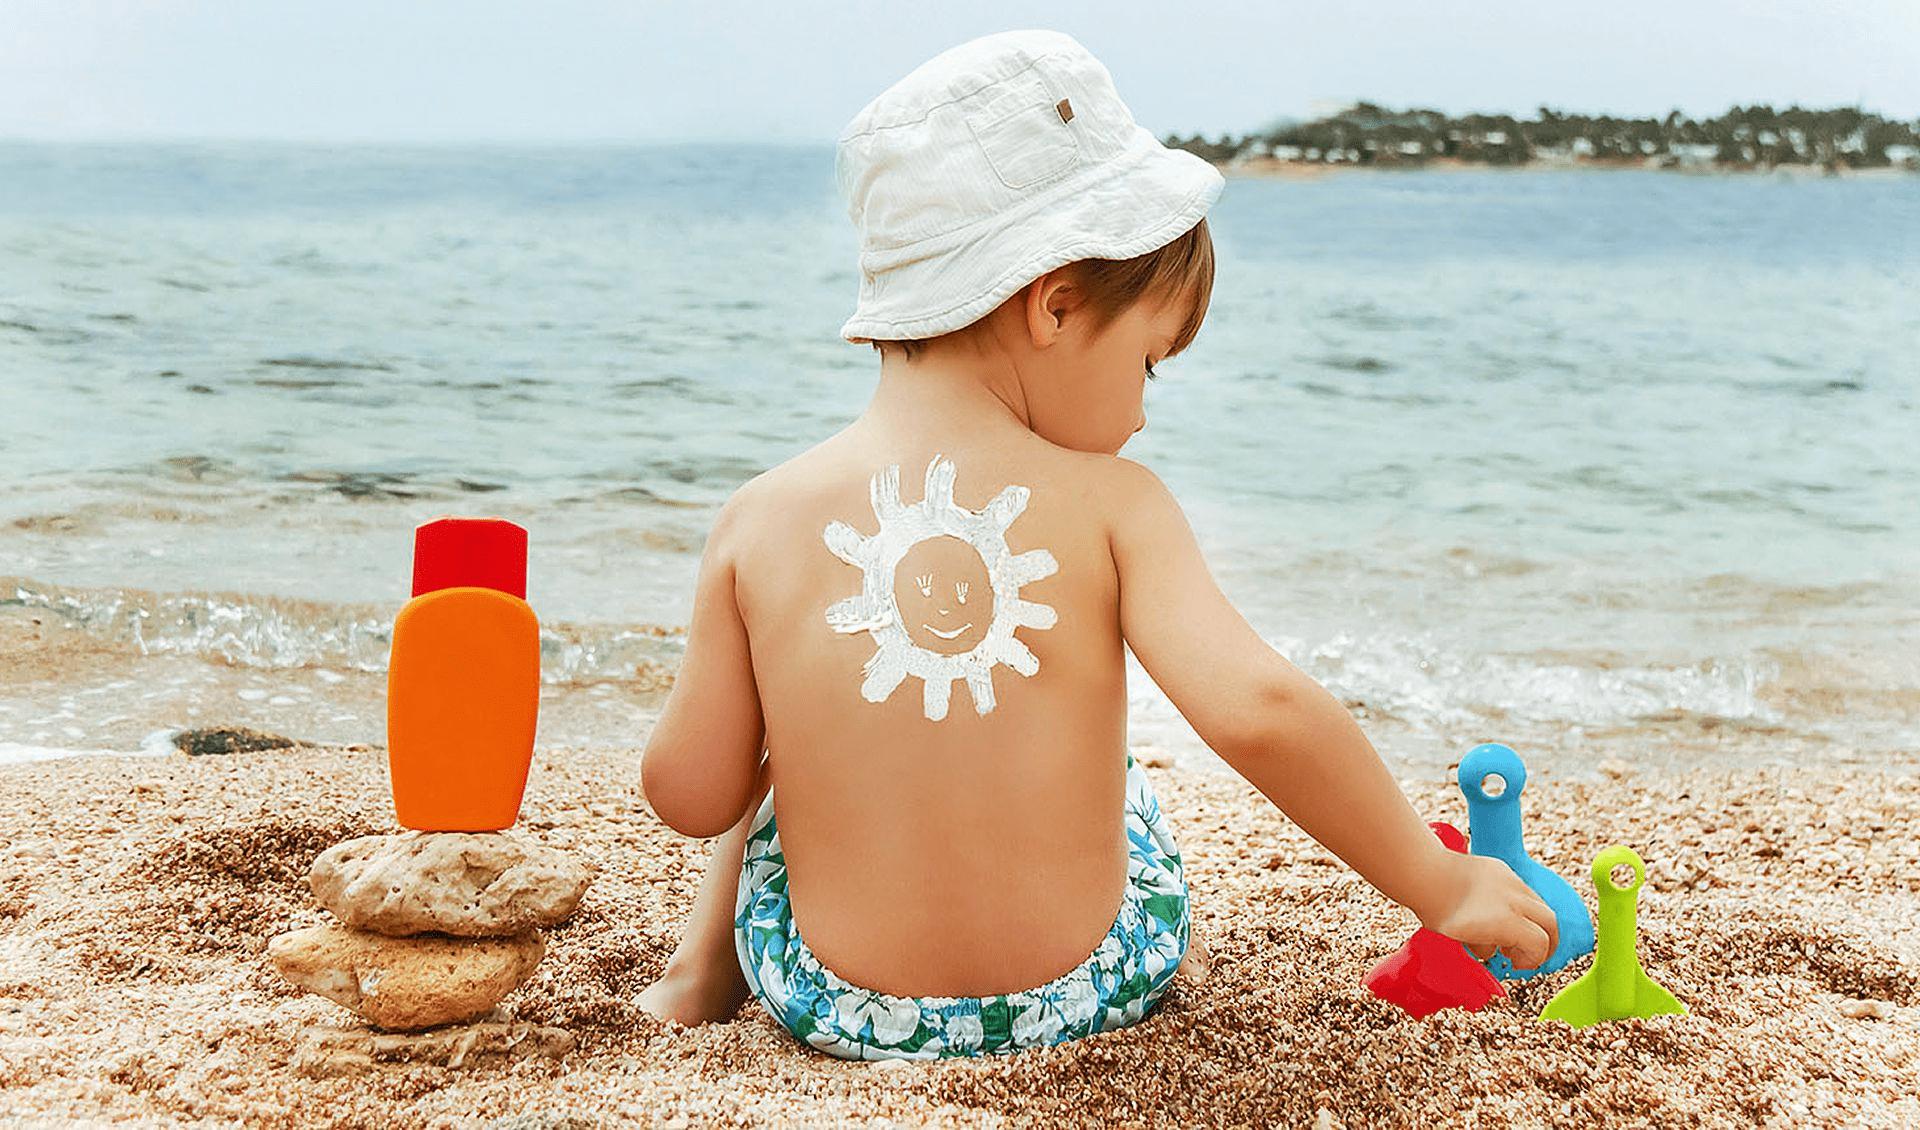 Солнышко из солнцезащитного крема на спинке у ребенка